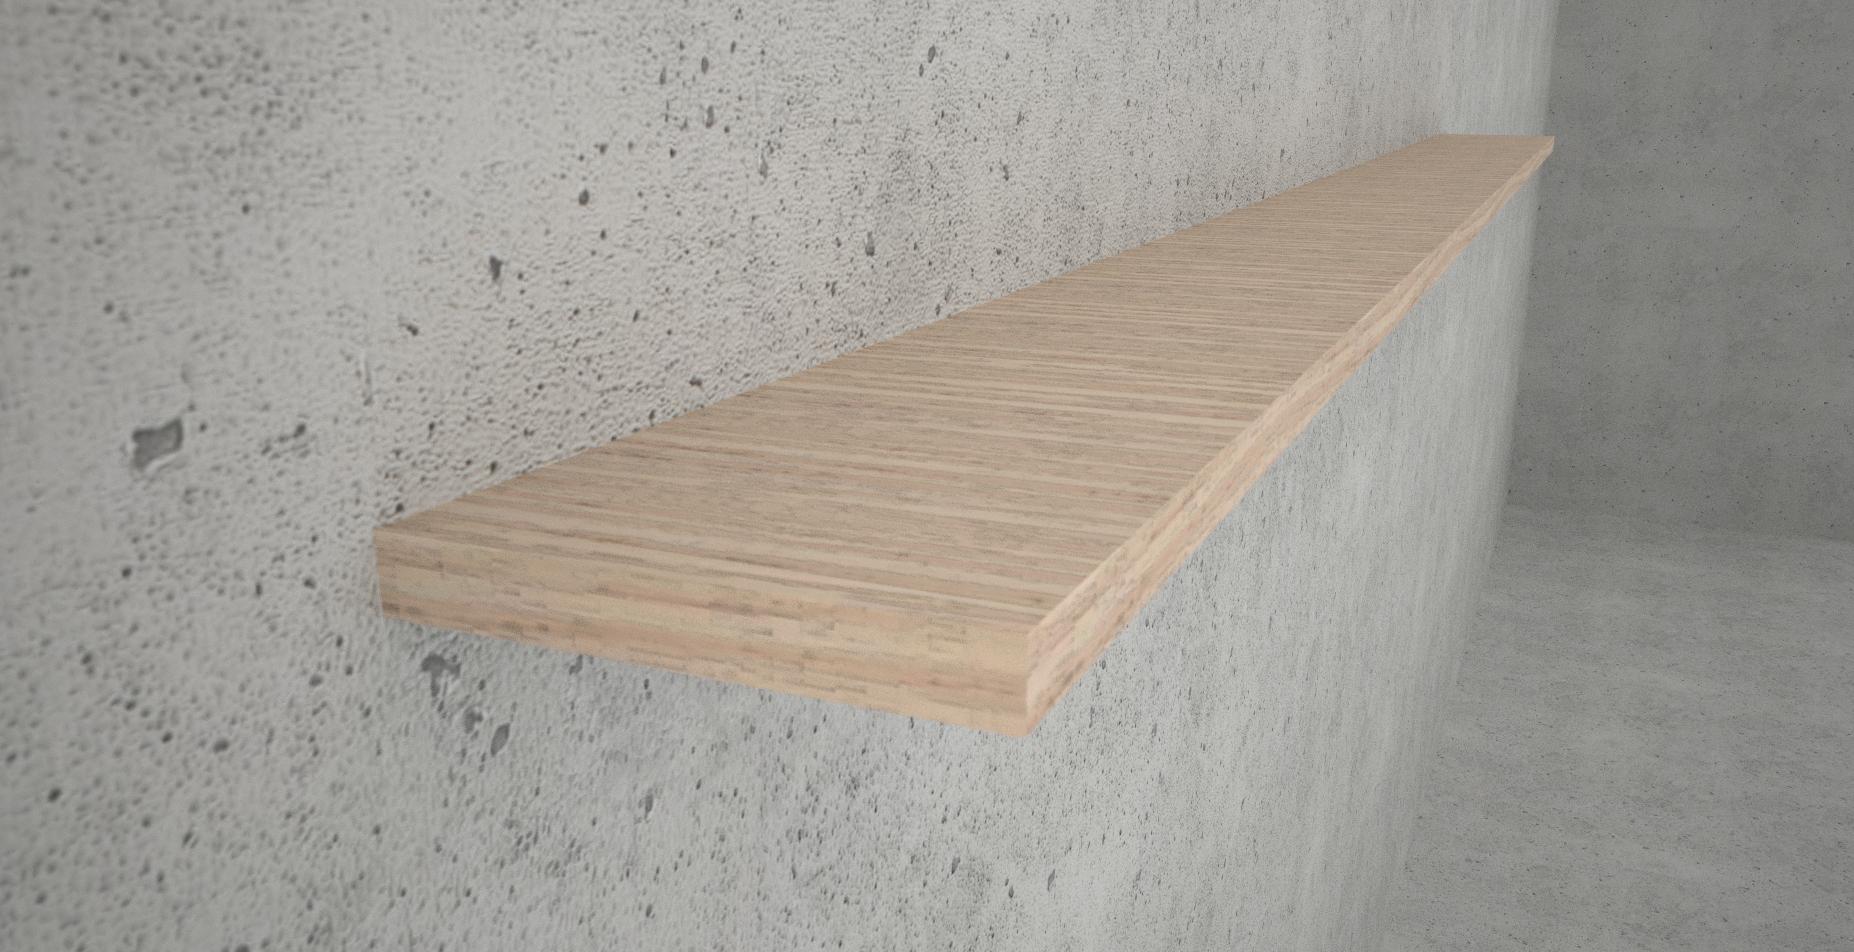 Houten Plank Aan Muur Bevestigen.Oude Houten Planken Aan De Muur Houten Planken Aan De Muur Hout